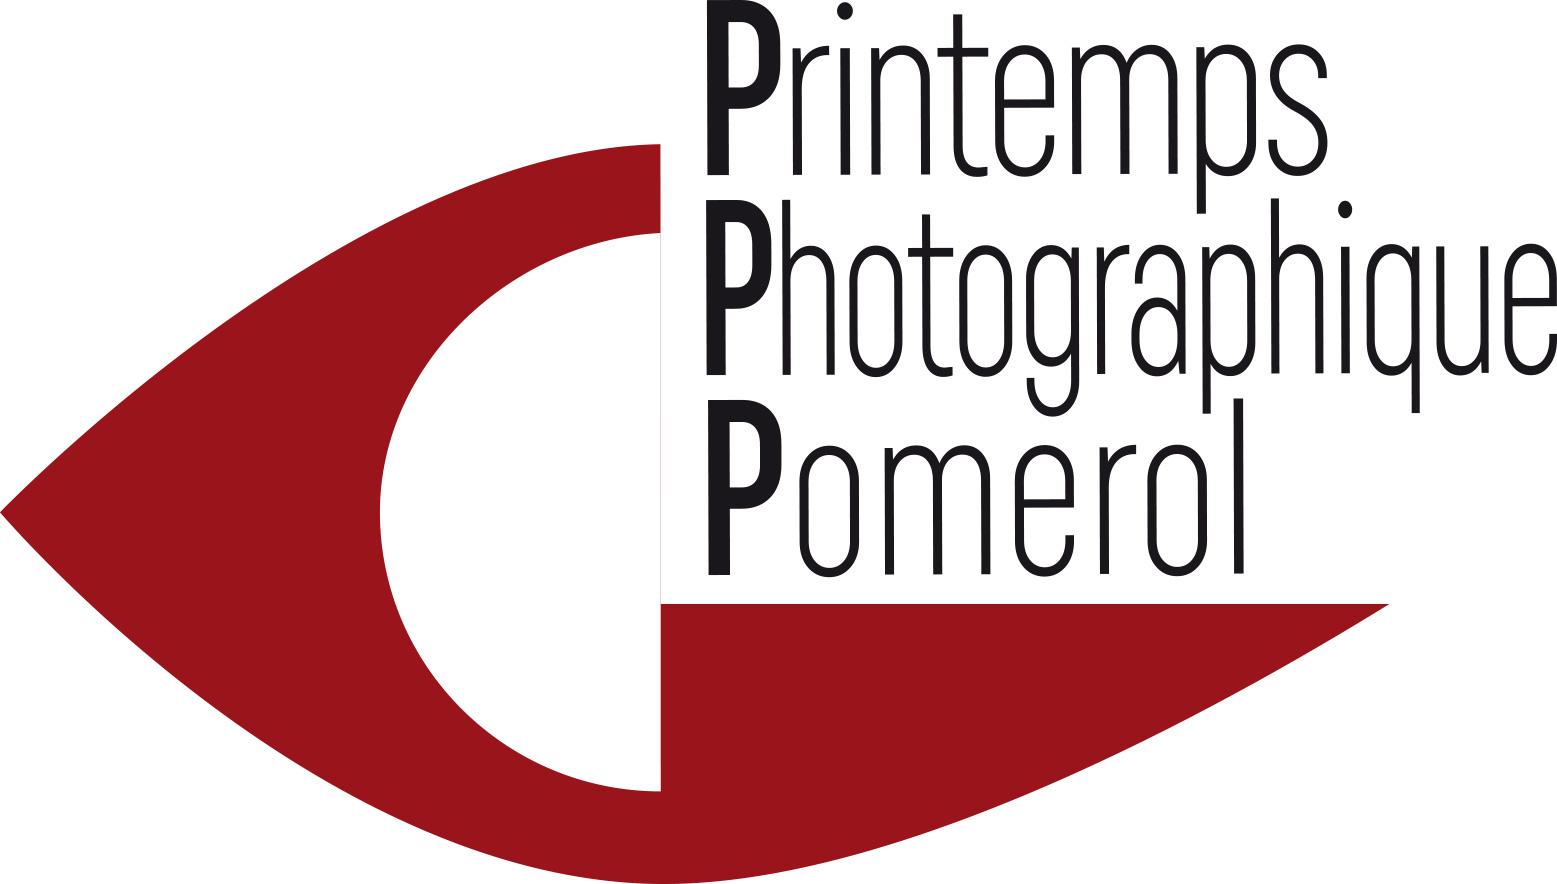 Printemps Photographique de Pomerol - Site du Festival de photographie de Pomerol